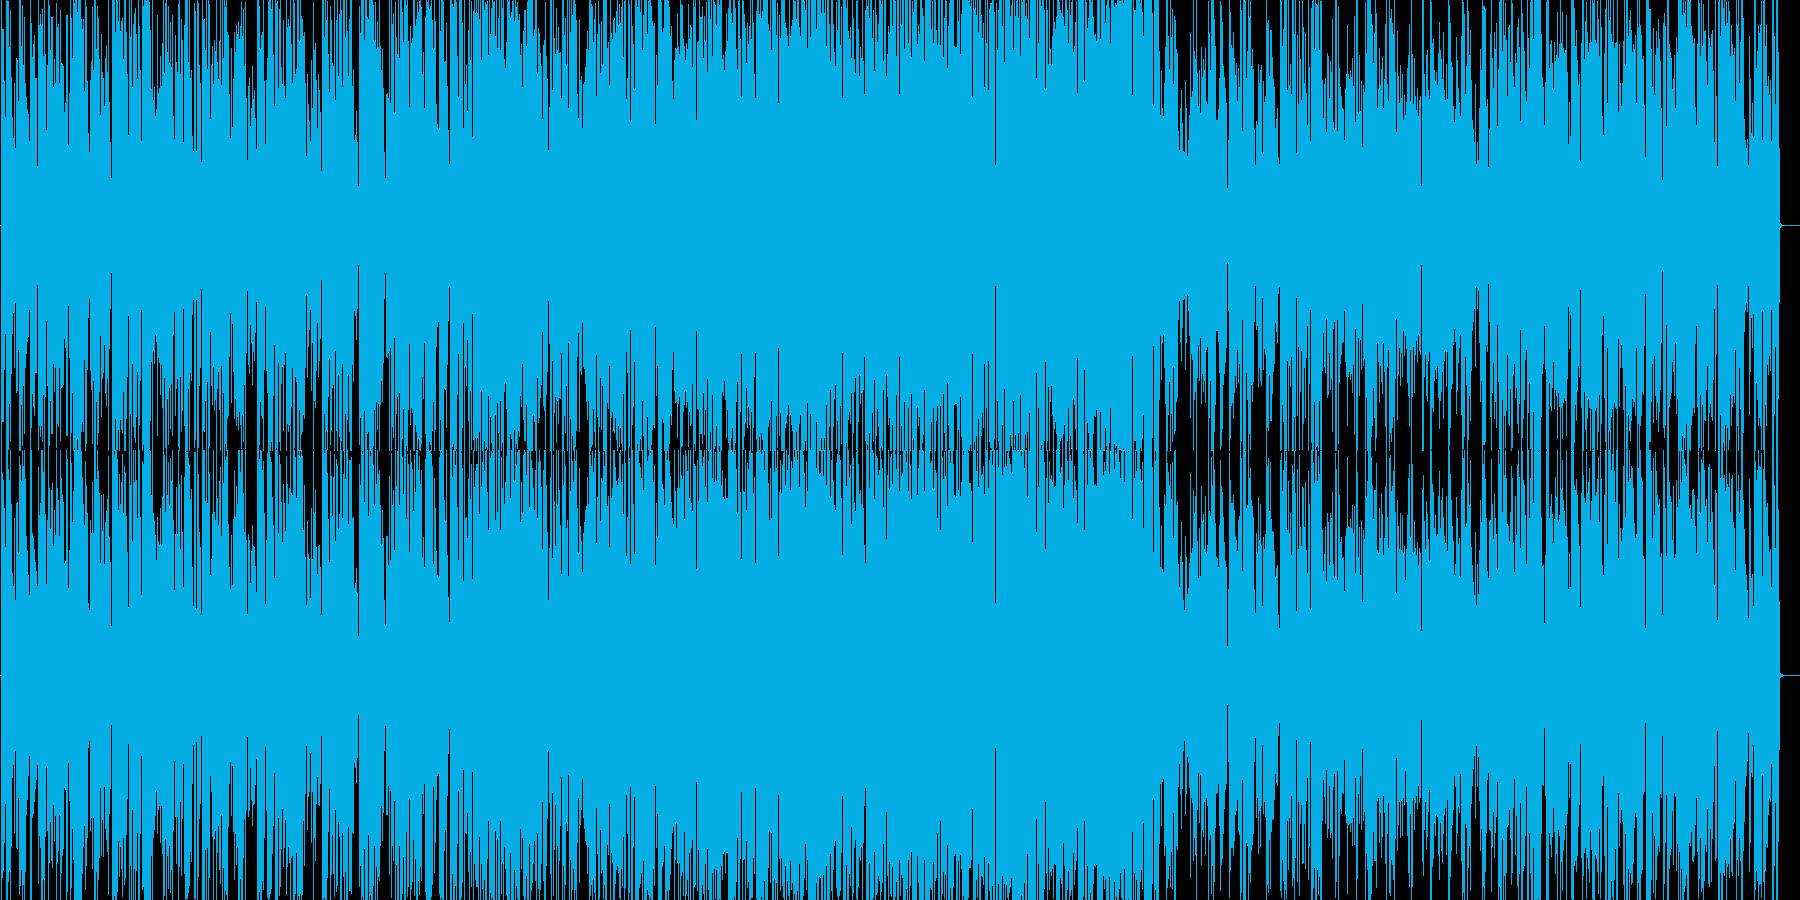 軽快なジャズピアノトリオの再生済みの波形